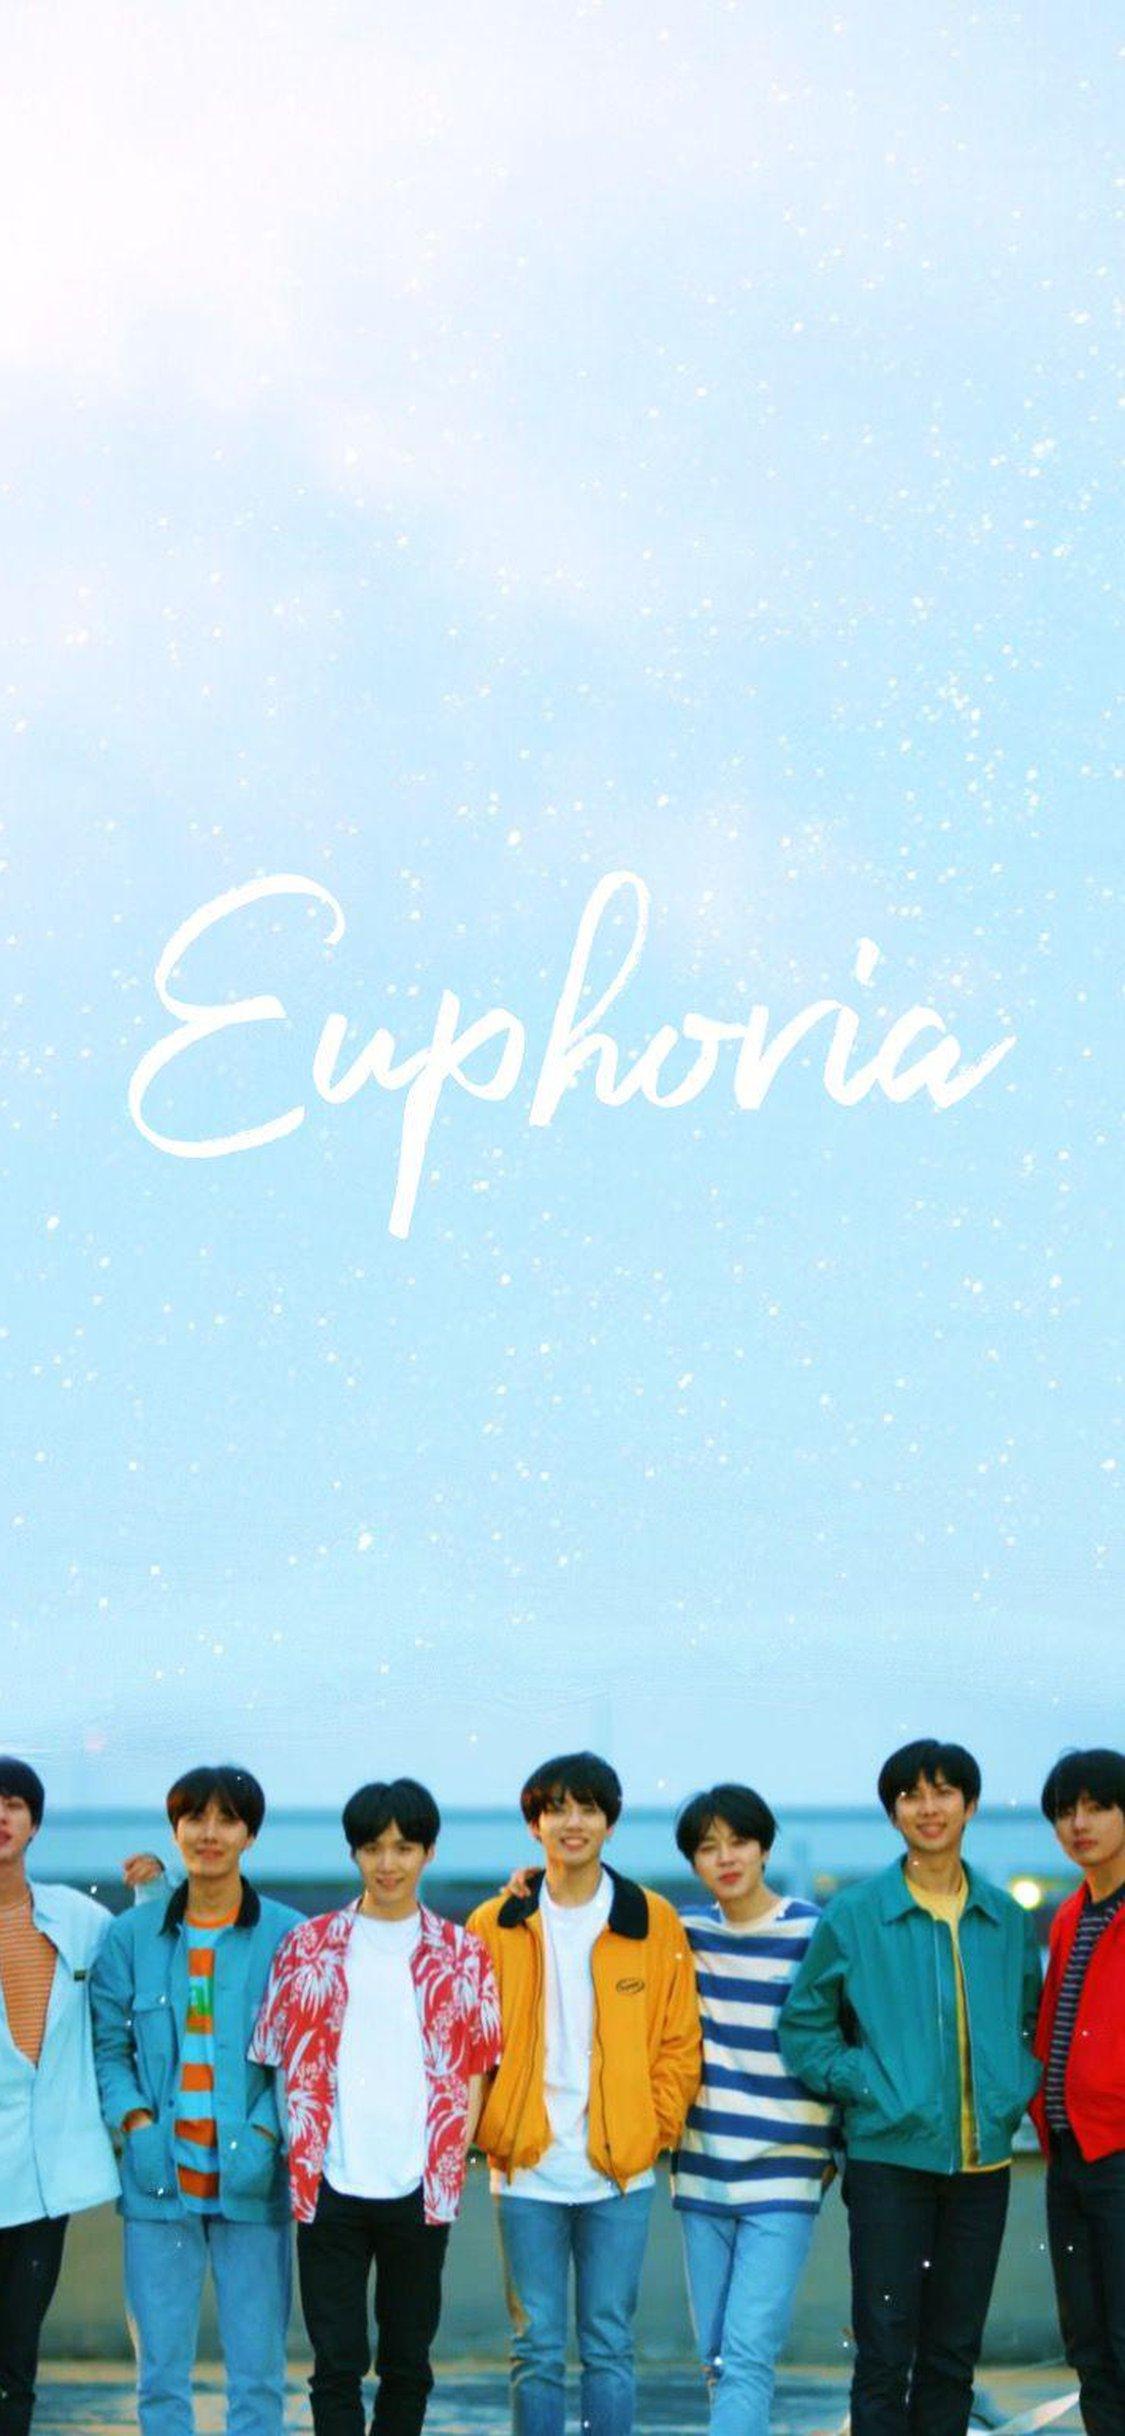 Download Euphoria Bts Wallpaper 2018 For Iphone X Wallpaper